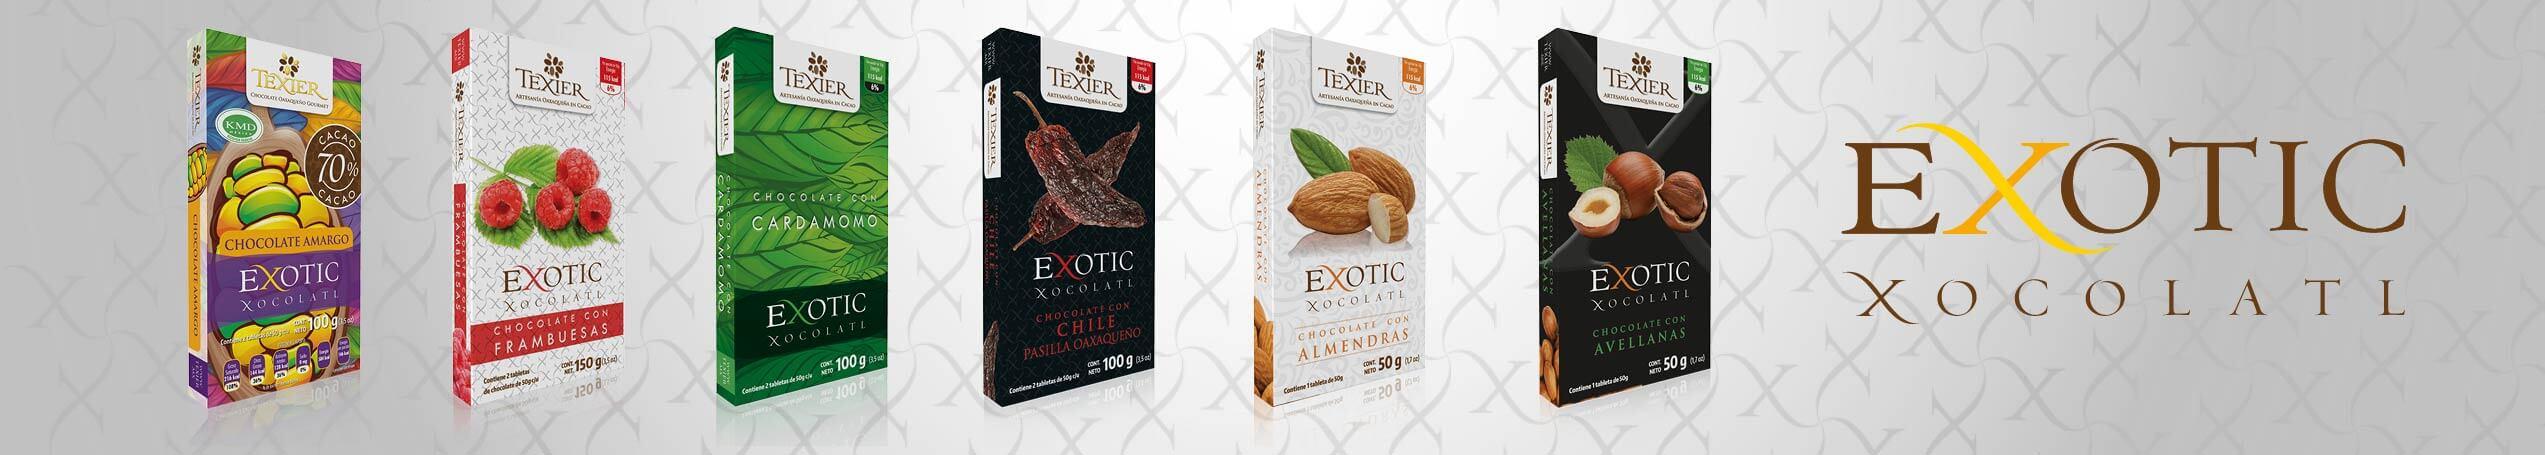 chocolate-exotico-gourmet-de-oaxaca-texier